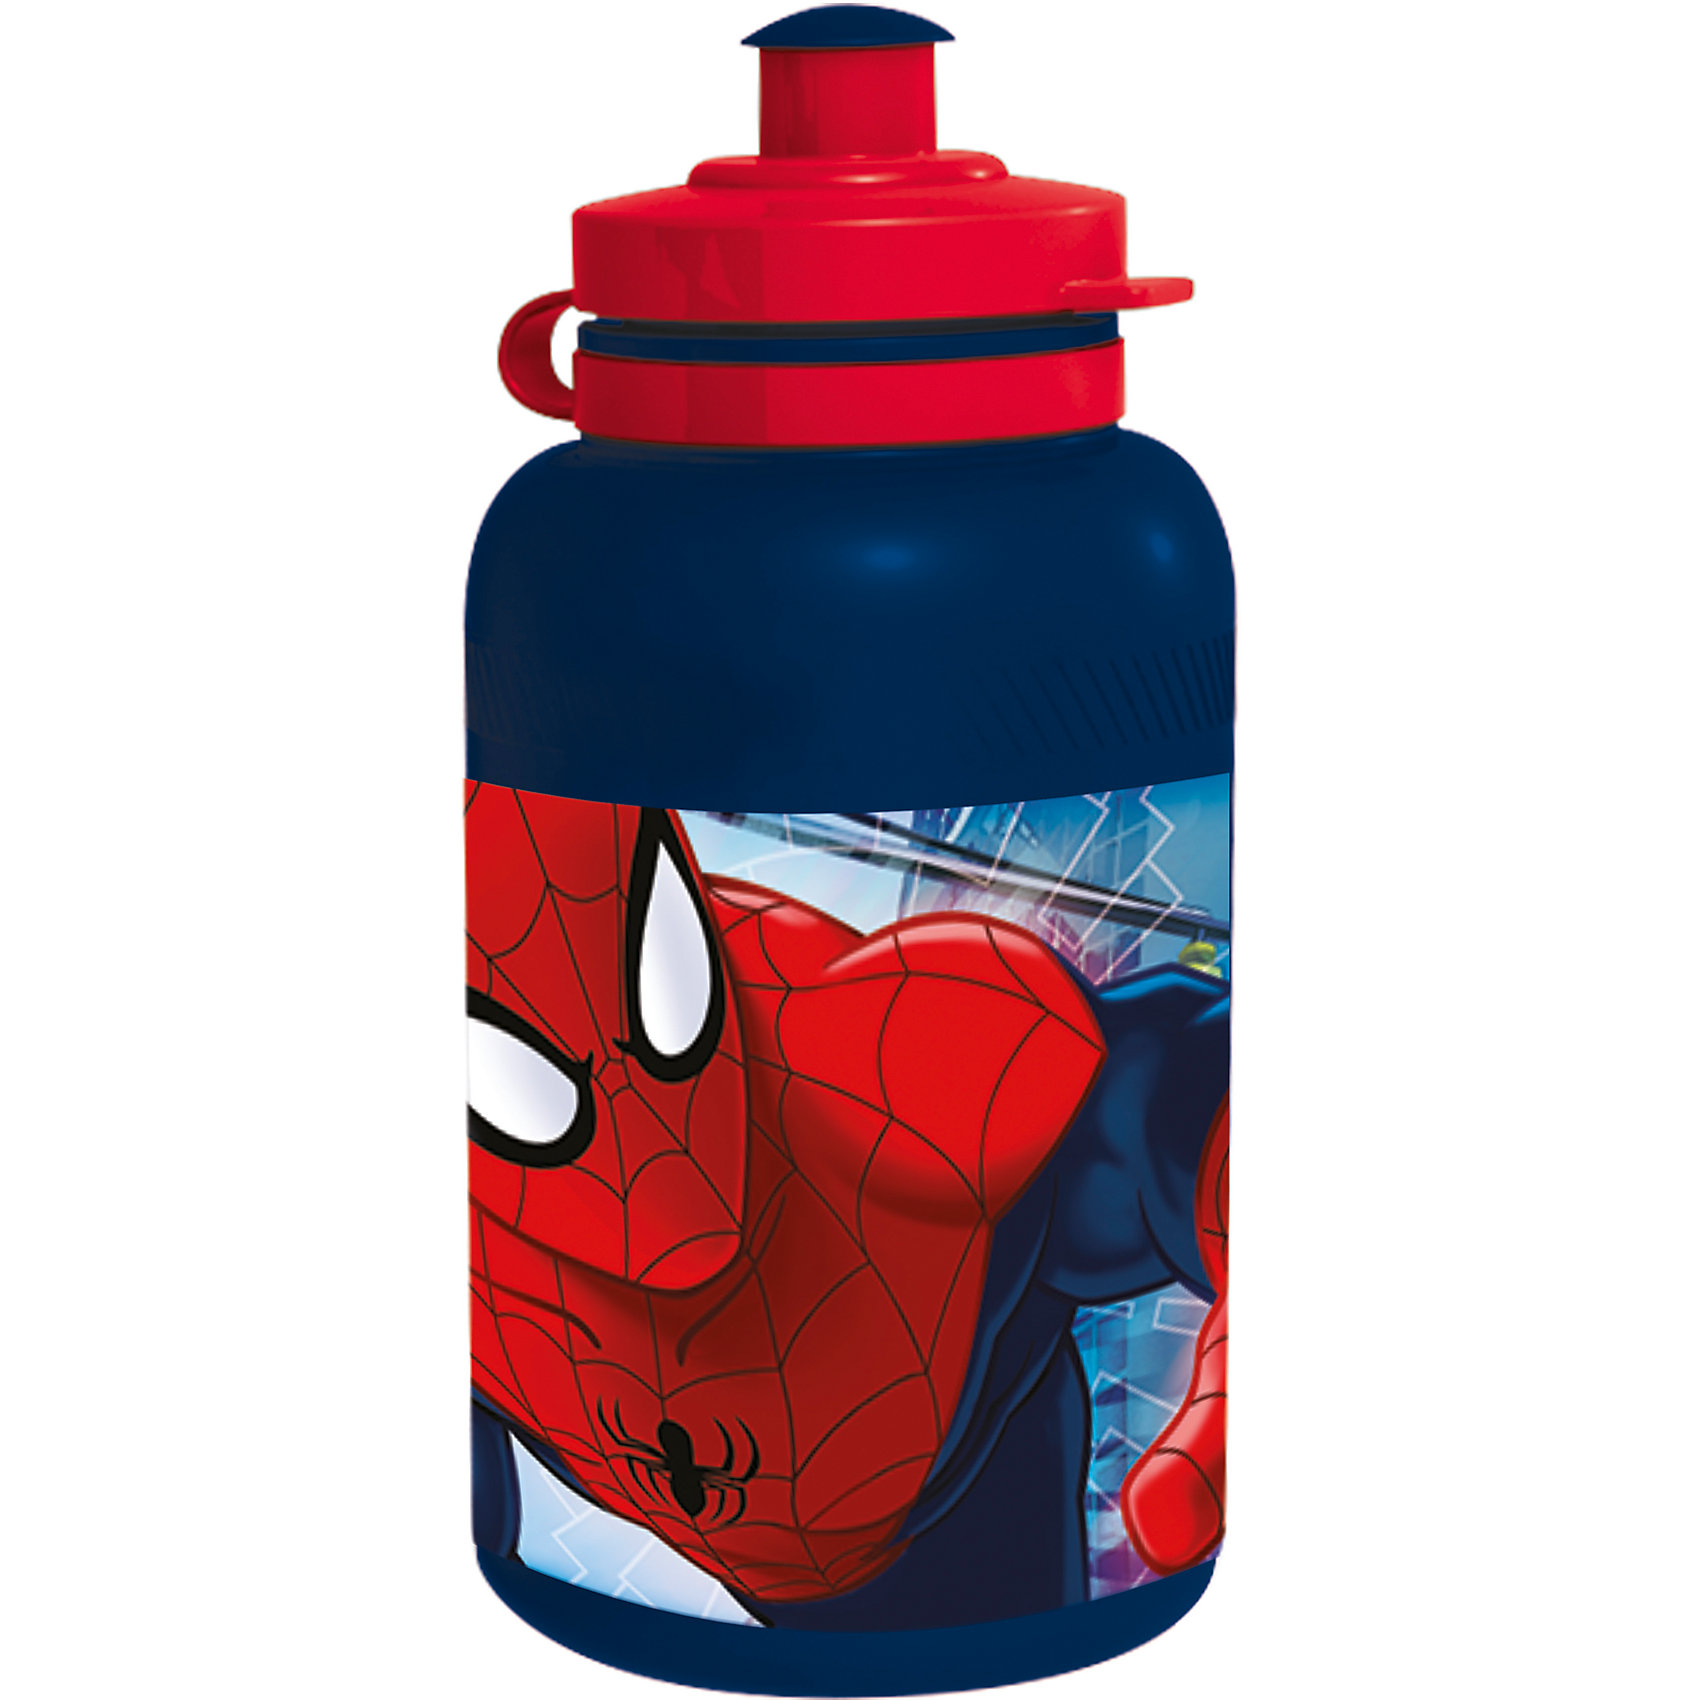 Бутылка пластиковая Великий Человек-паук 400 млХарактеристики товара:<br><br>• материал: пластик<br>• украшена рисунком<br>• размер: 6,5х6,5х15 см<br>• вес: 40 г<br>• объем: 400 мл<br>• страна бренда: Испания<br>• страна производства: Китай<br><br>Такая бутылка станет отличным подарком для ребенка! Она отличается тем, что на предмете изображены персонажи из мультфильма Великий Человек-паук. Есть или пить из предметов с любимым героем многих современных детей - всегда приятнее. Бутылочка очень удобна, объем оптимален для детей, сюда как раз вместится необходимый для одной тренировки объем воды. Плюс - изделие дополнено специальной крышкой. Использовать его можно и в школе, и на улице!<br>Бутылка выпущена в удобном формате, размер - универсальный. Изделие производится из качественных и проверенных материалов, которые безопасны для детей.<br><br>Бутылку пластиковую Великий Человек-паук 400 мл можно купить в нашем интернет-магазине.<br><br>Ширина мм: 65<br>Глубина мм: 65<br>Высота мм: 150<br>Вес г: 40<br>Возраст от месяцев: 36<br>Возраст до месяцев: 144<br>Пол: Мужской<br>Возраст: Детский<br>SKU: 5282068